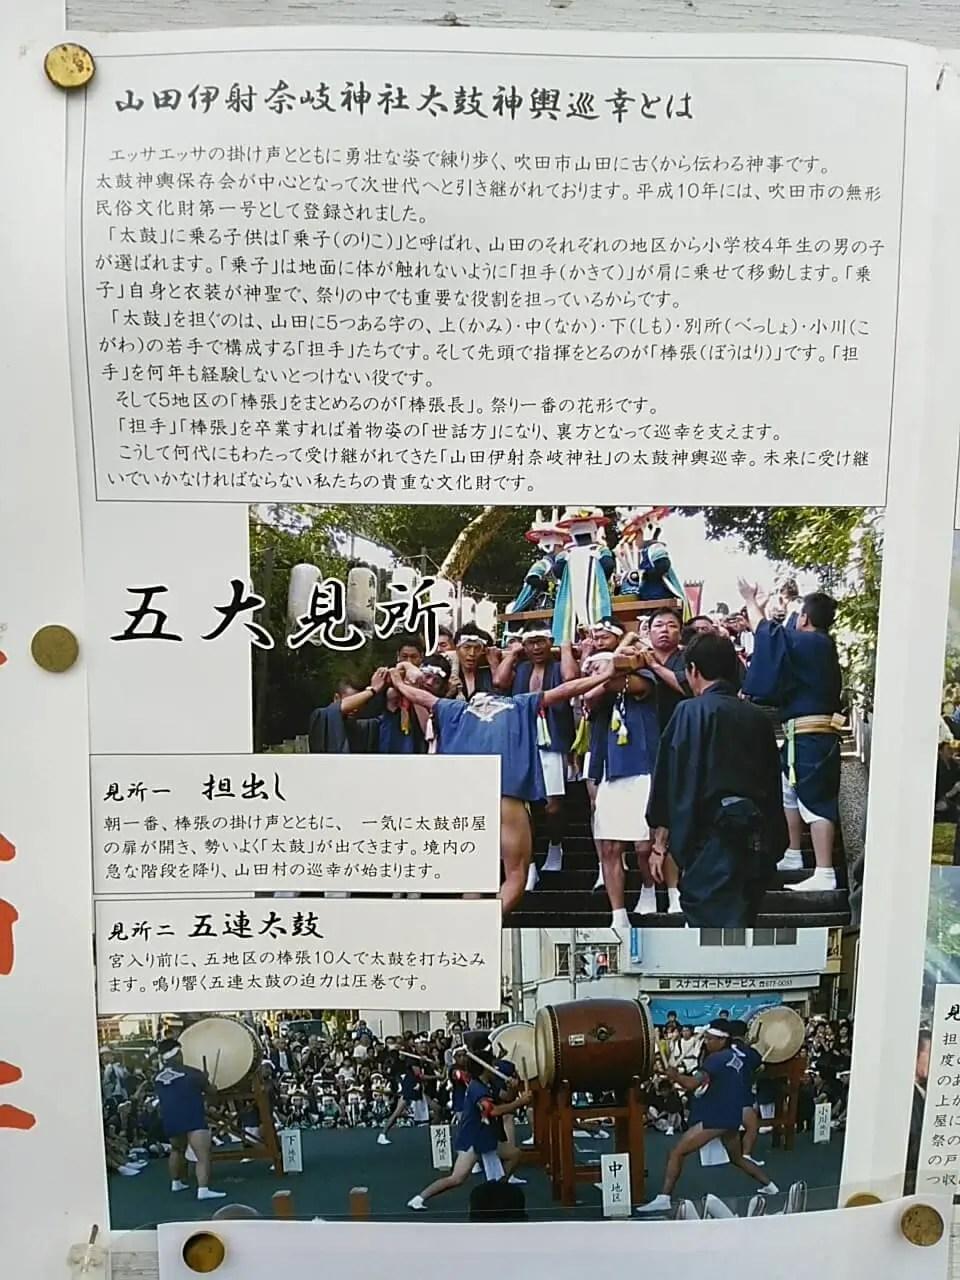 伊射奈岐神社(いざなぎじんじゃ)